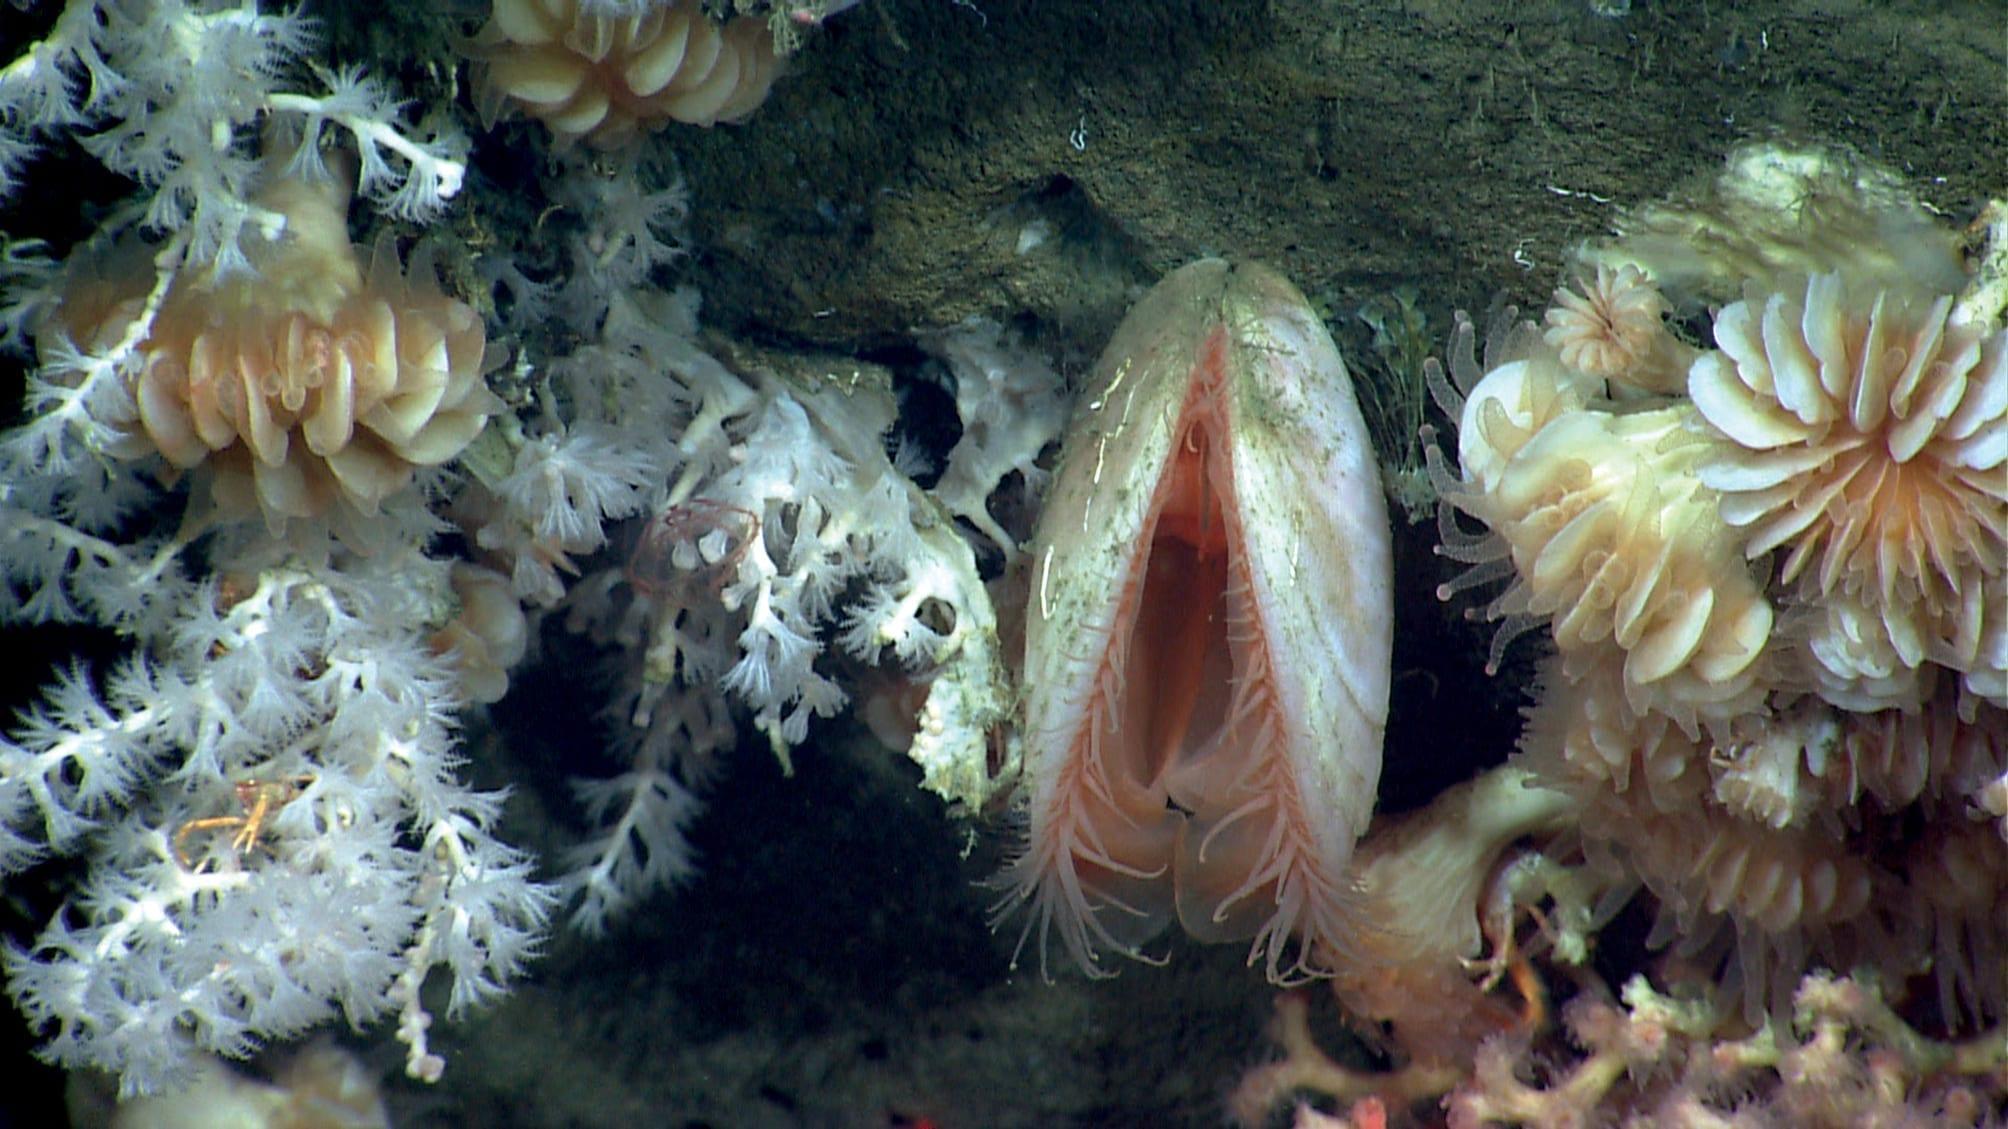 NOAA Ocean Explorer: Northeast US Canyons 2013